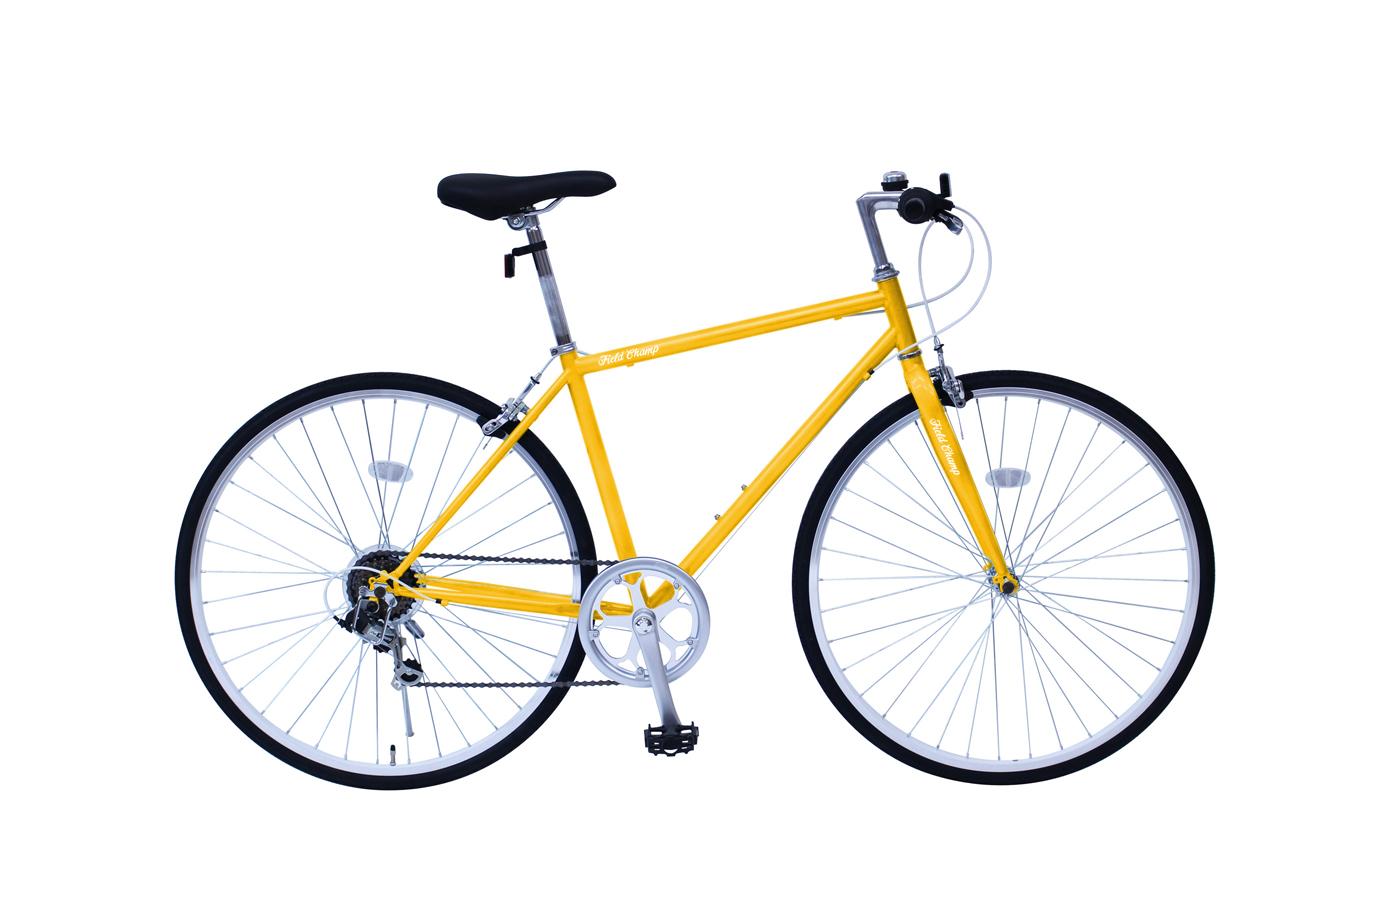 FIELD CHAMP 700Cクロスバイク6段ギア イエロー MG-FCP700CF-YE[フィールドチャンプ 自転車][ミムゴ MIMUGO][激安自転車 通販]05P27May16